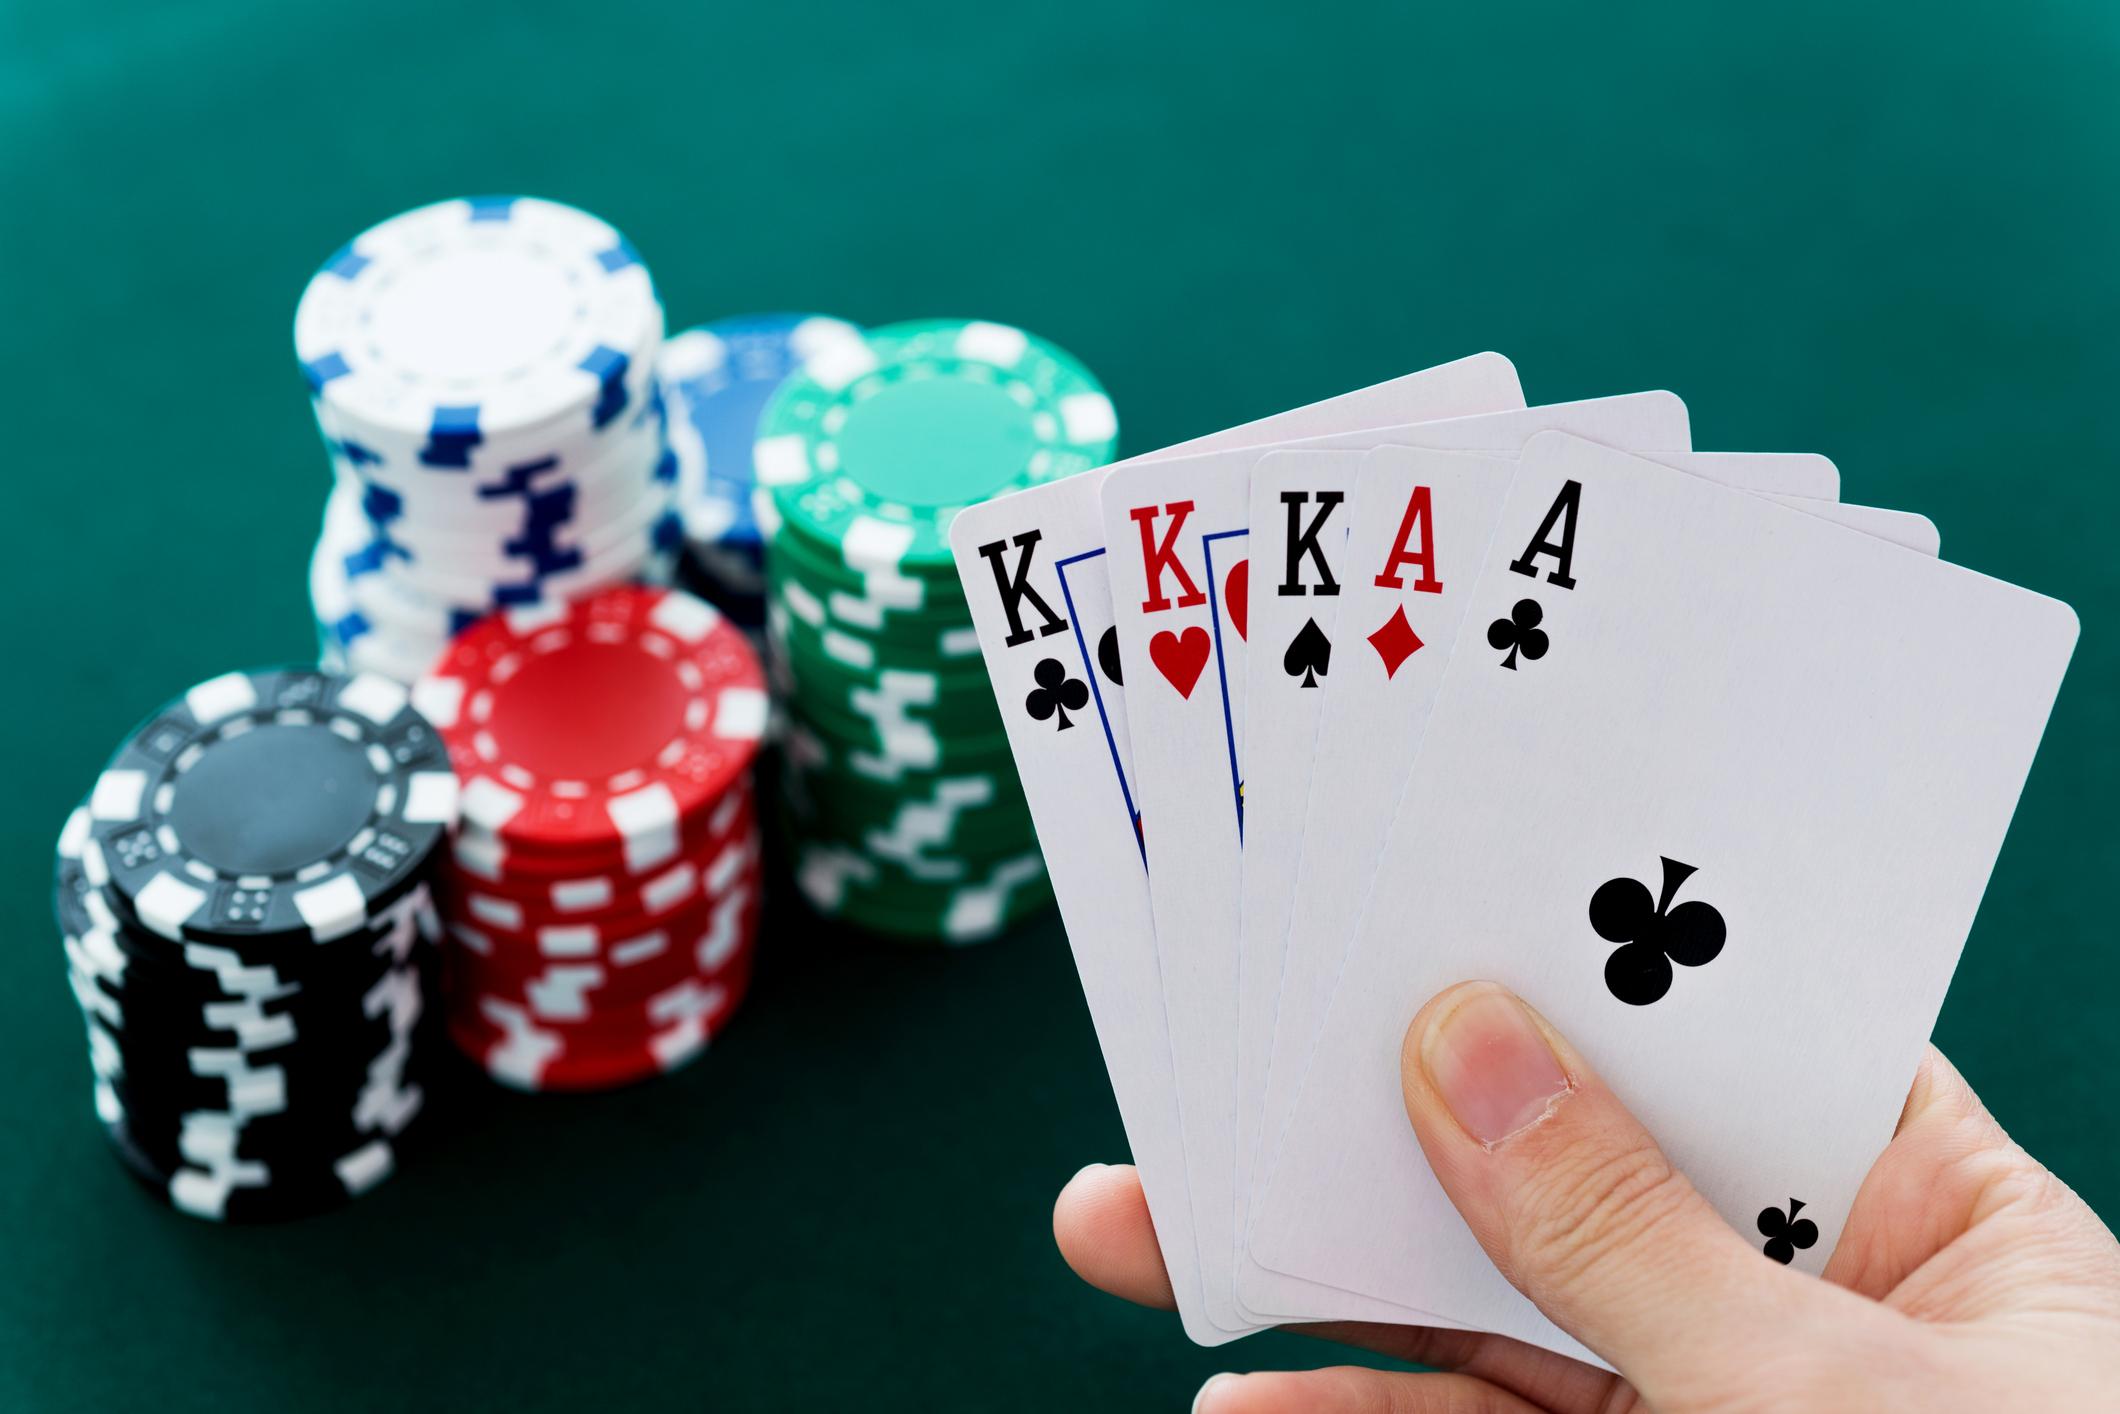 playing entaplay gambling